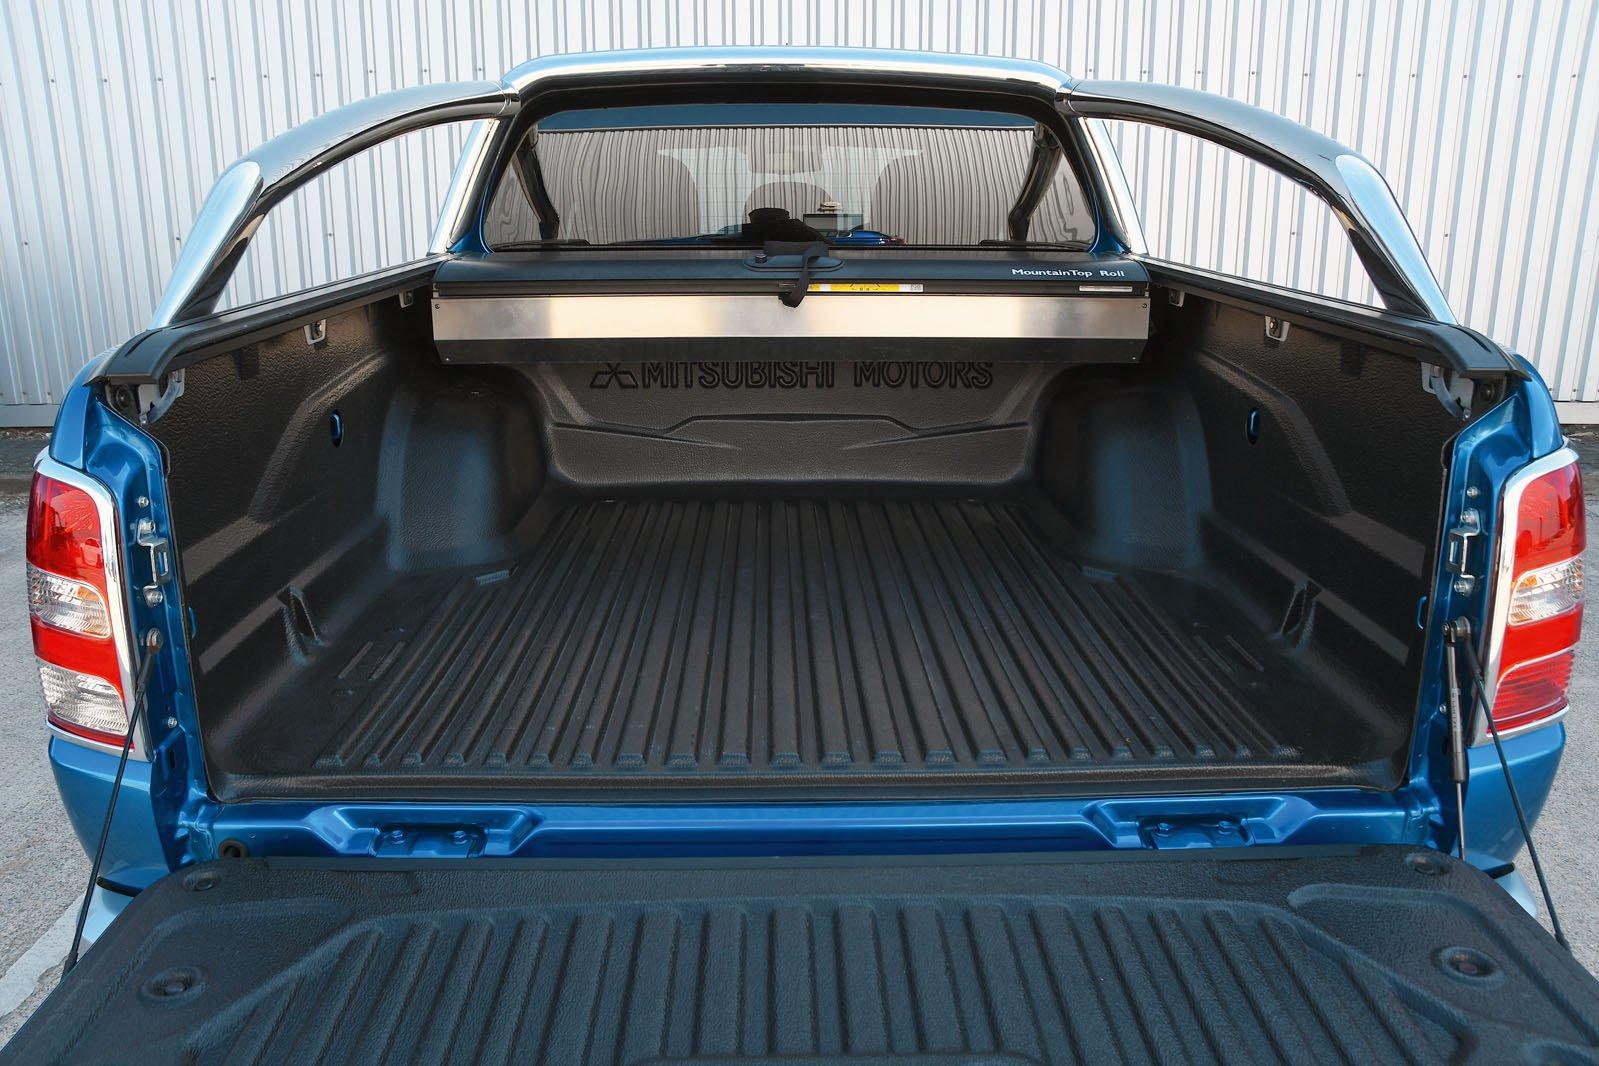 Mitsubishi L200 bed